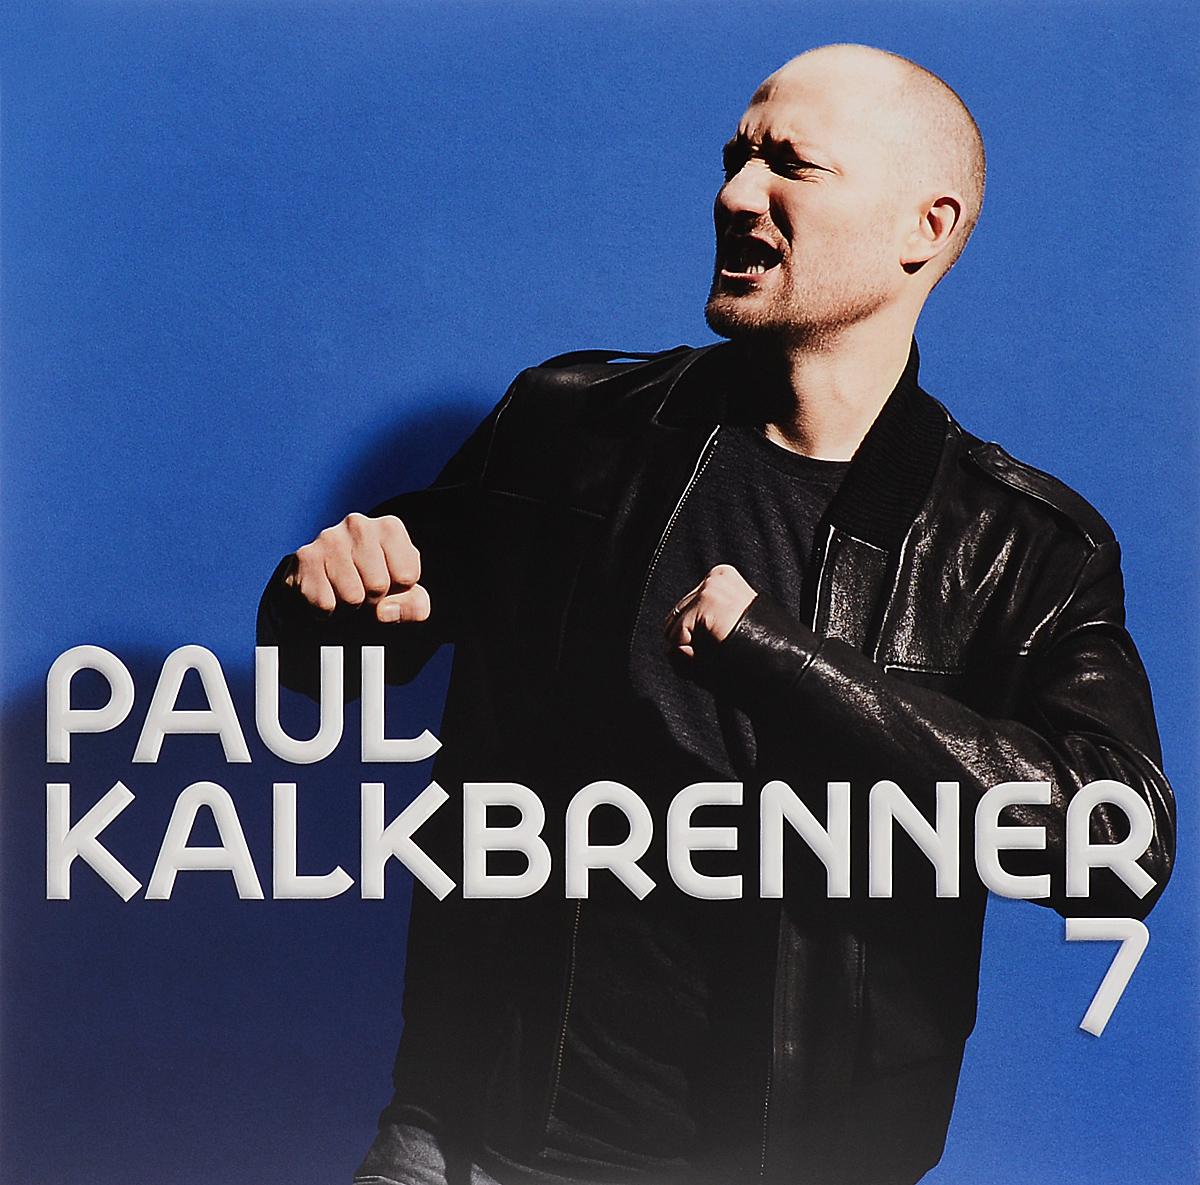 Пол Калькбреннер Paul Kalkbrenner. 7 (3 LP) виниловая пластинка kalkbrenner paul guten tag